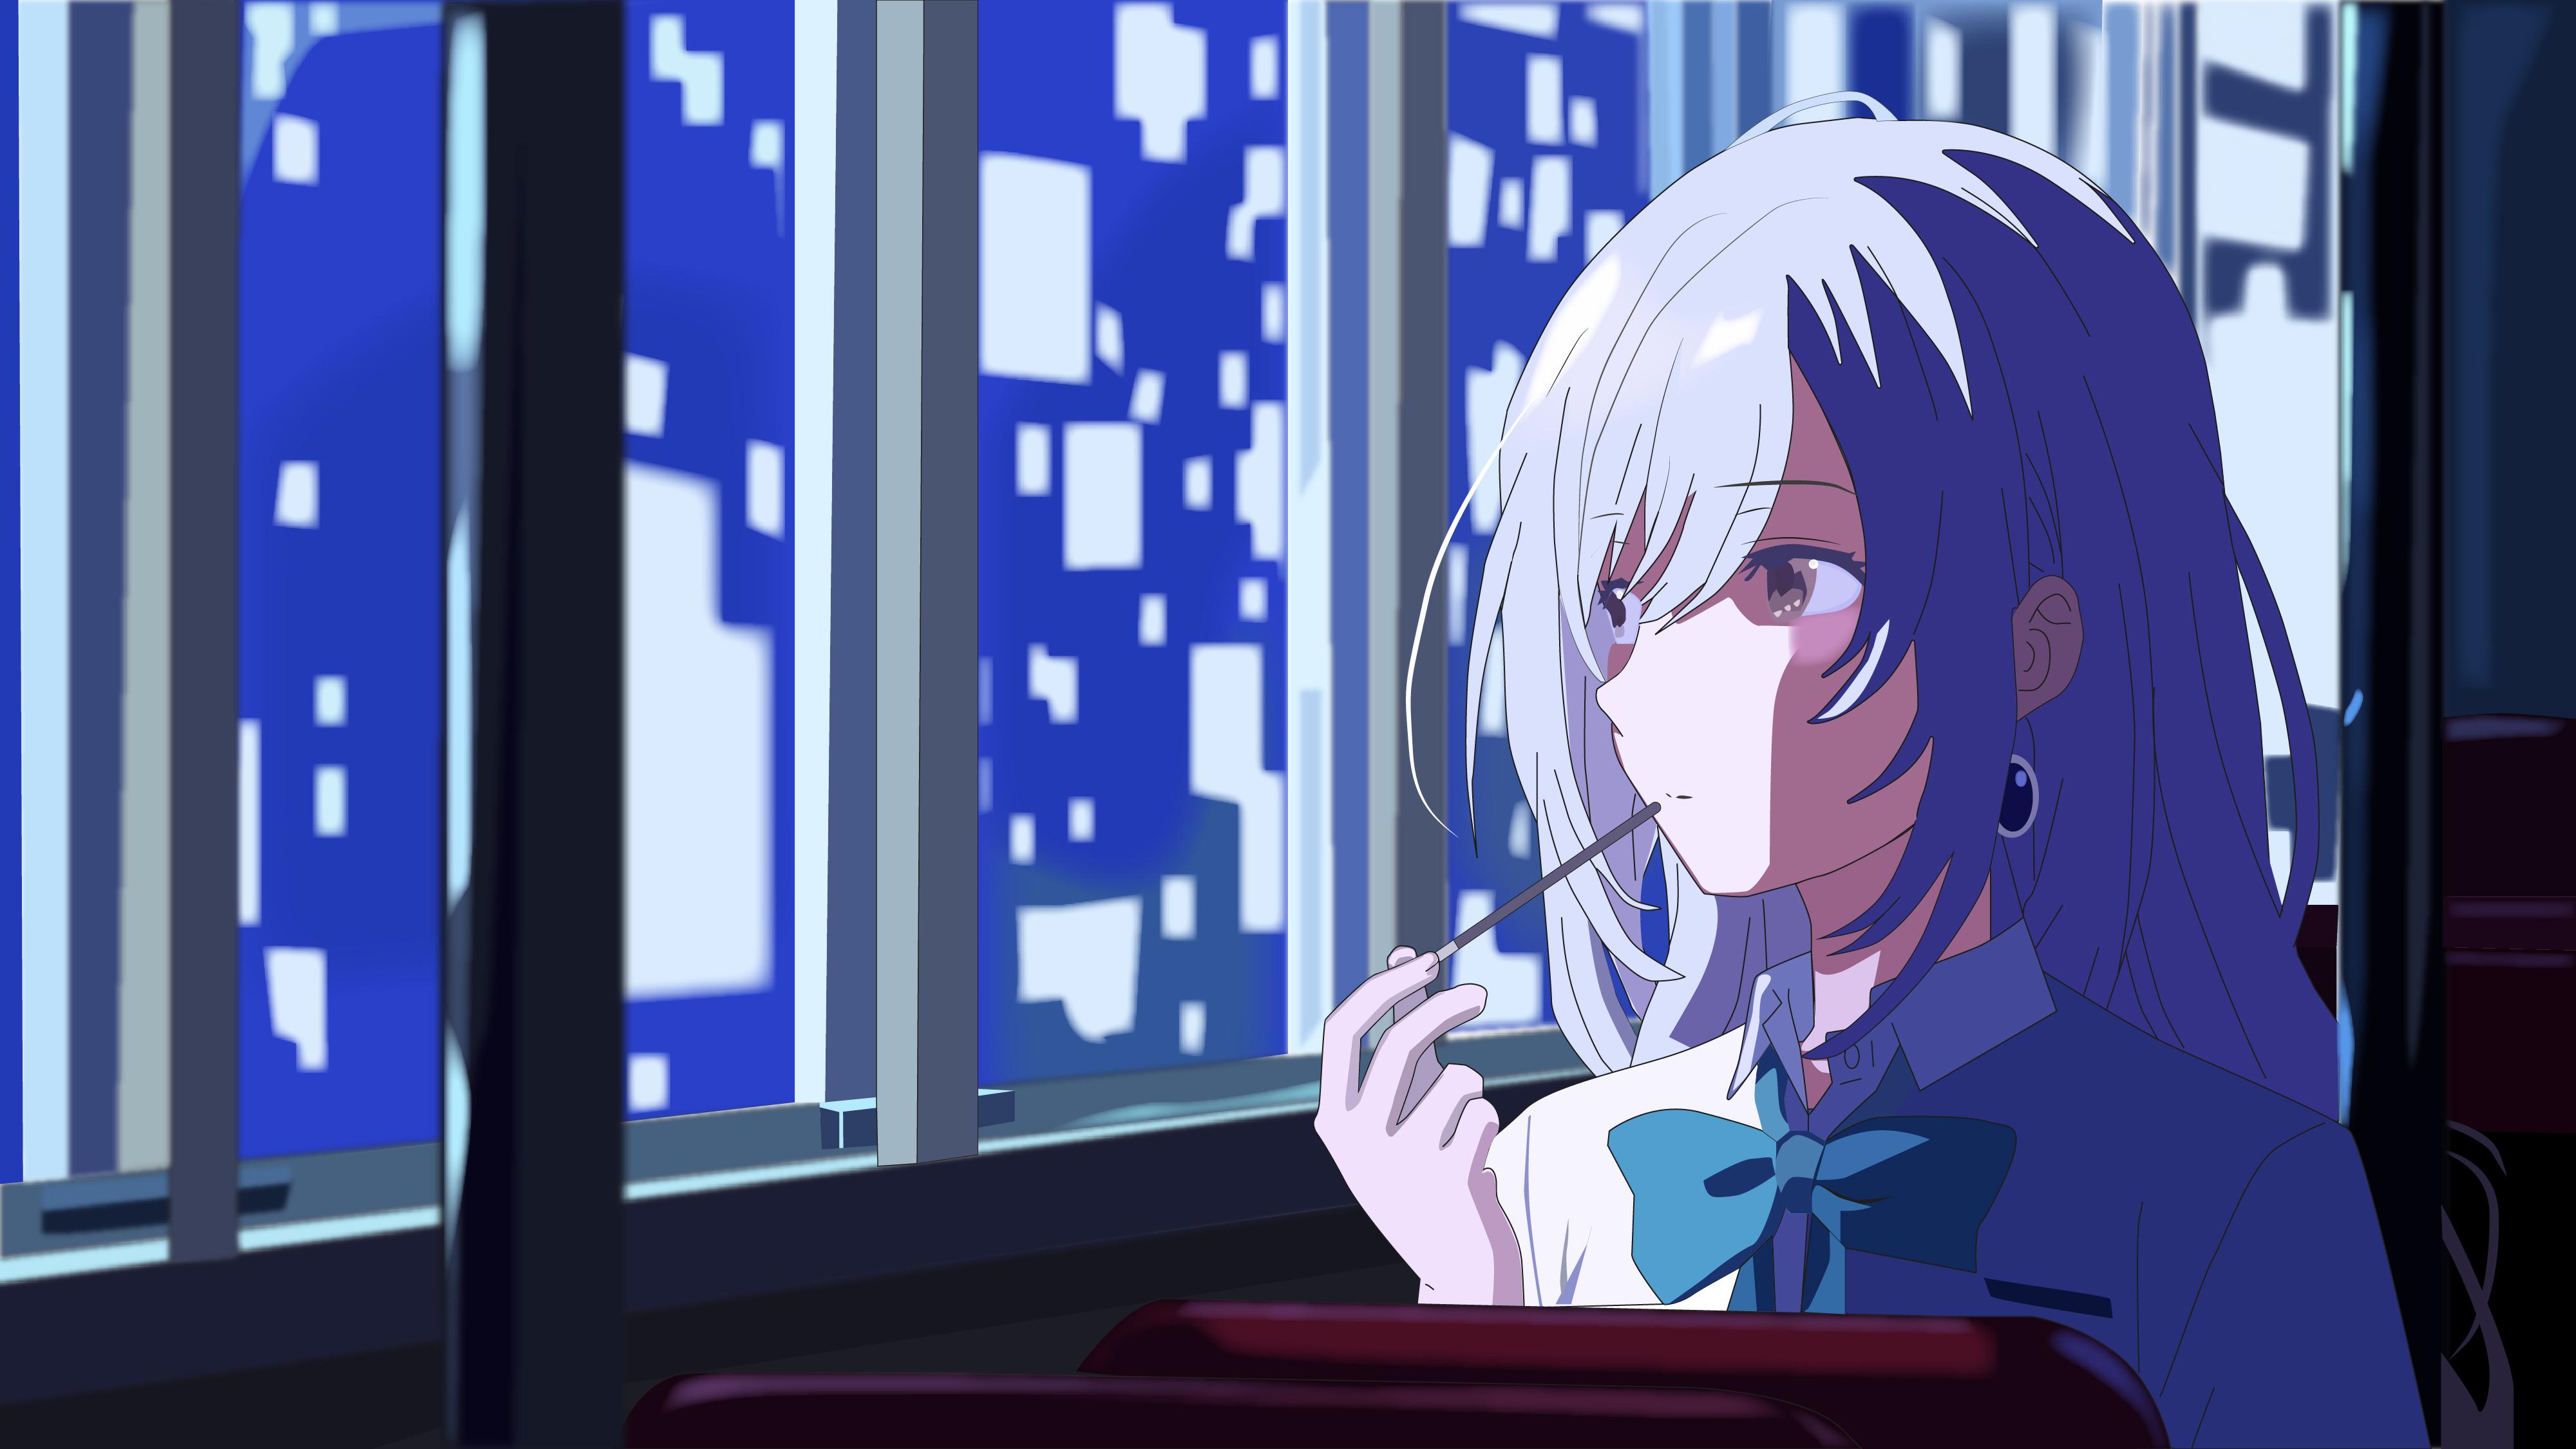 Download irozuku sekai no ashita kara anime pack english subbed